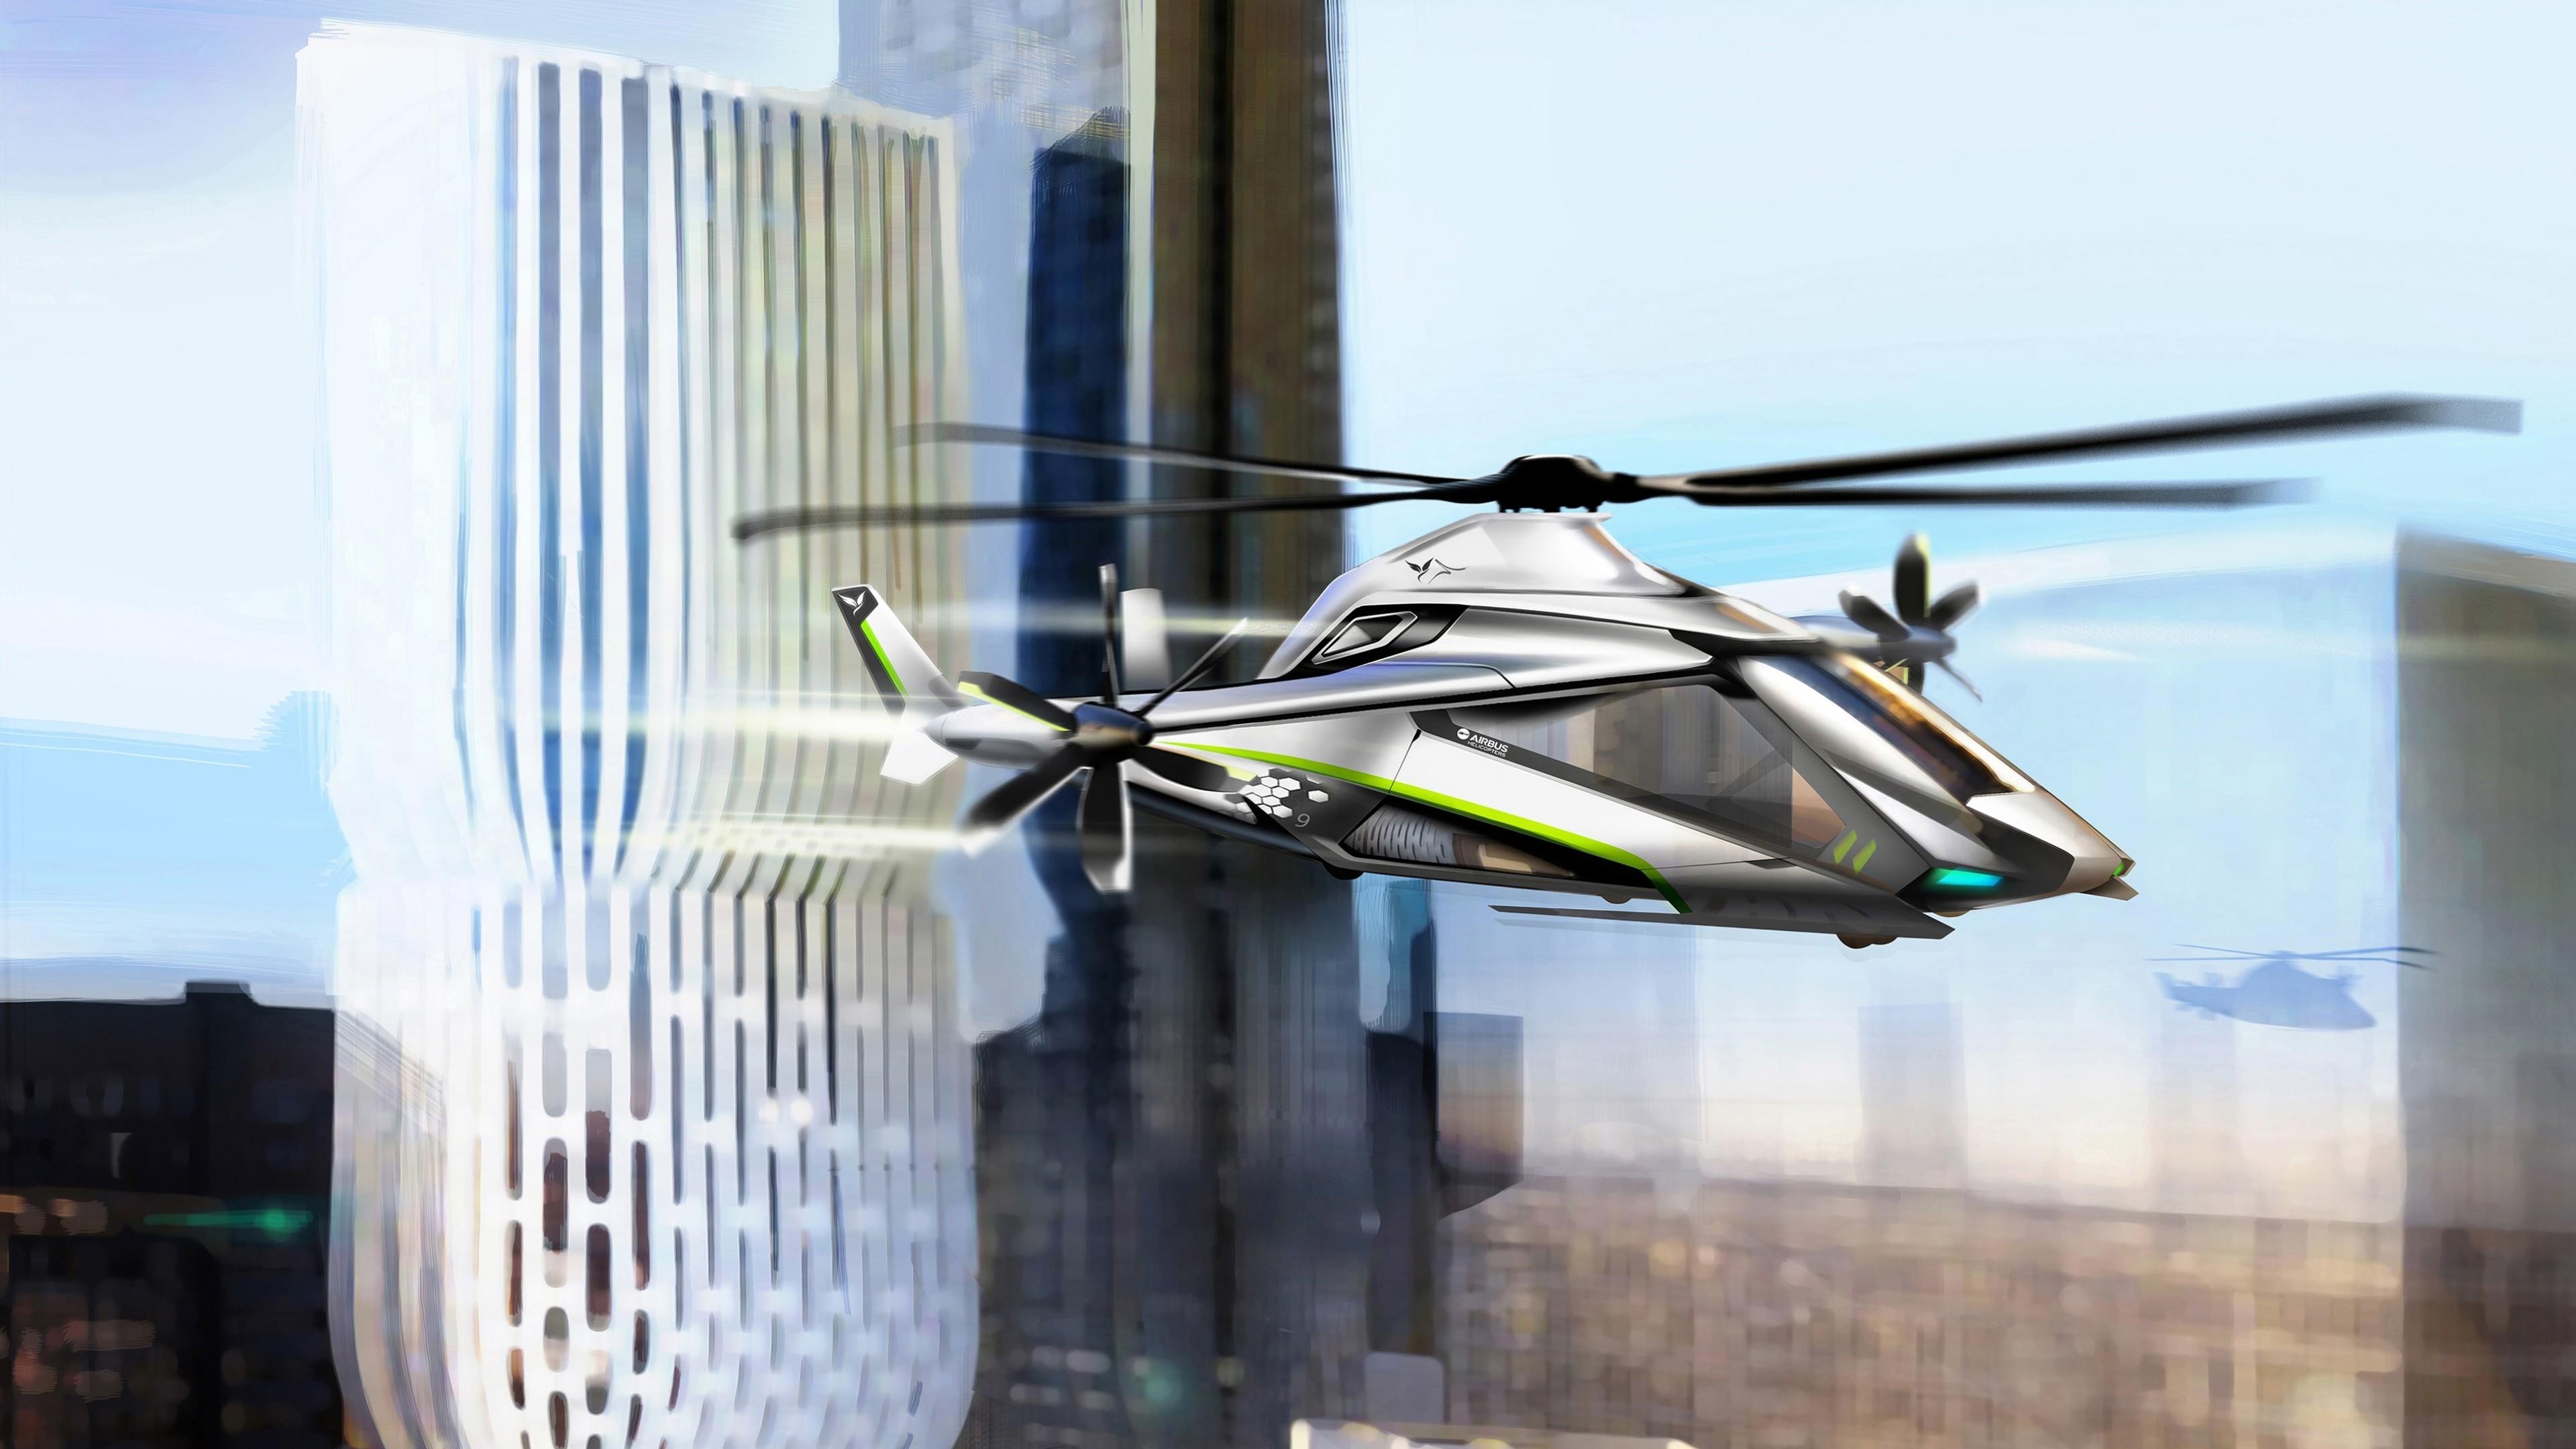 Вертолет на высоте небоскребов в солнечных лучах